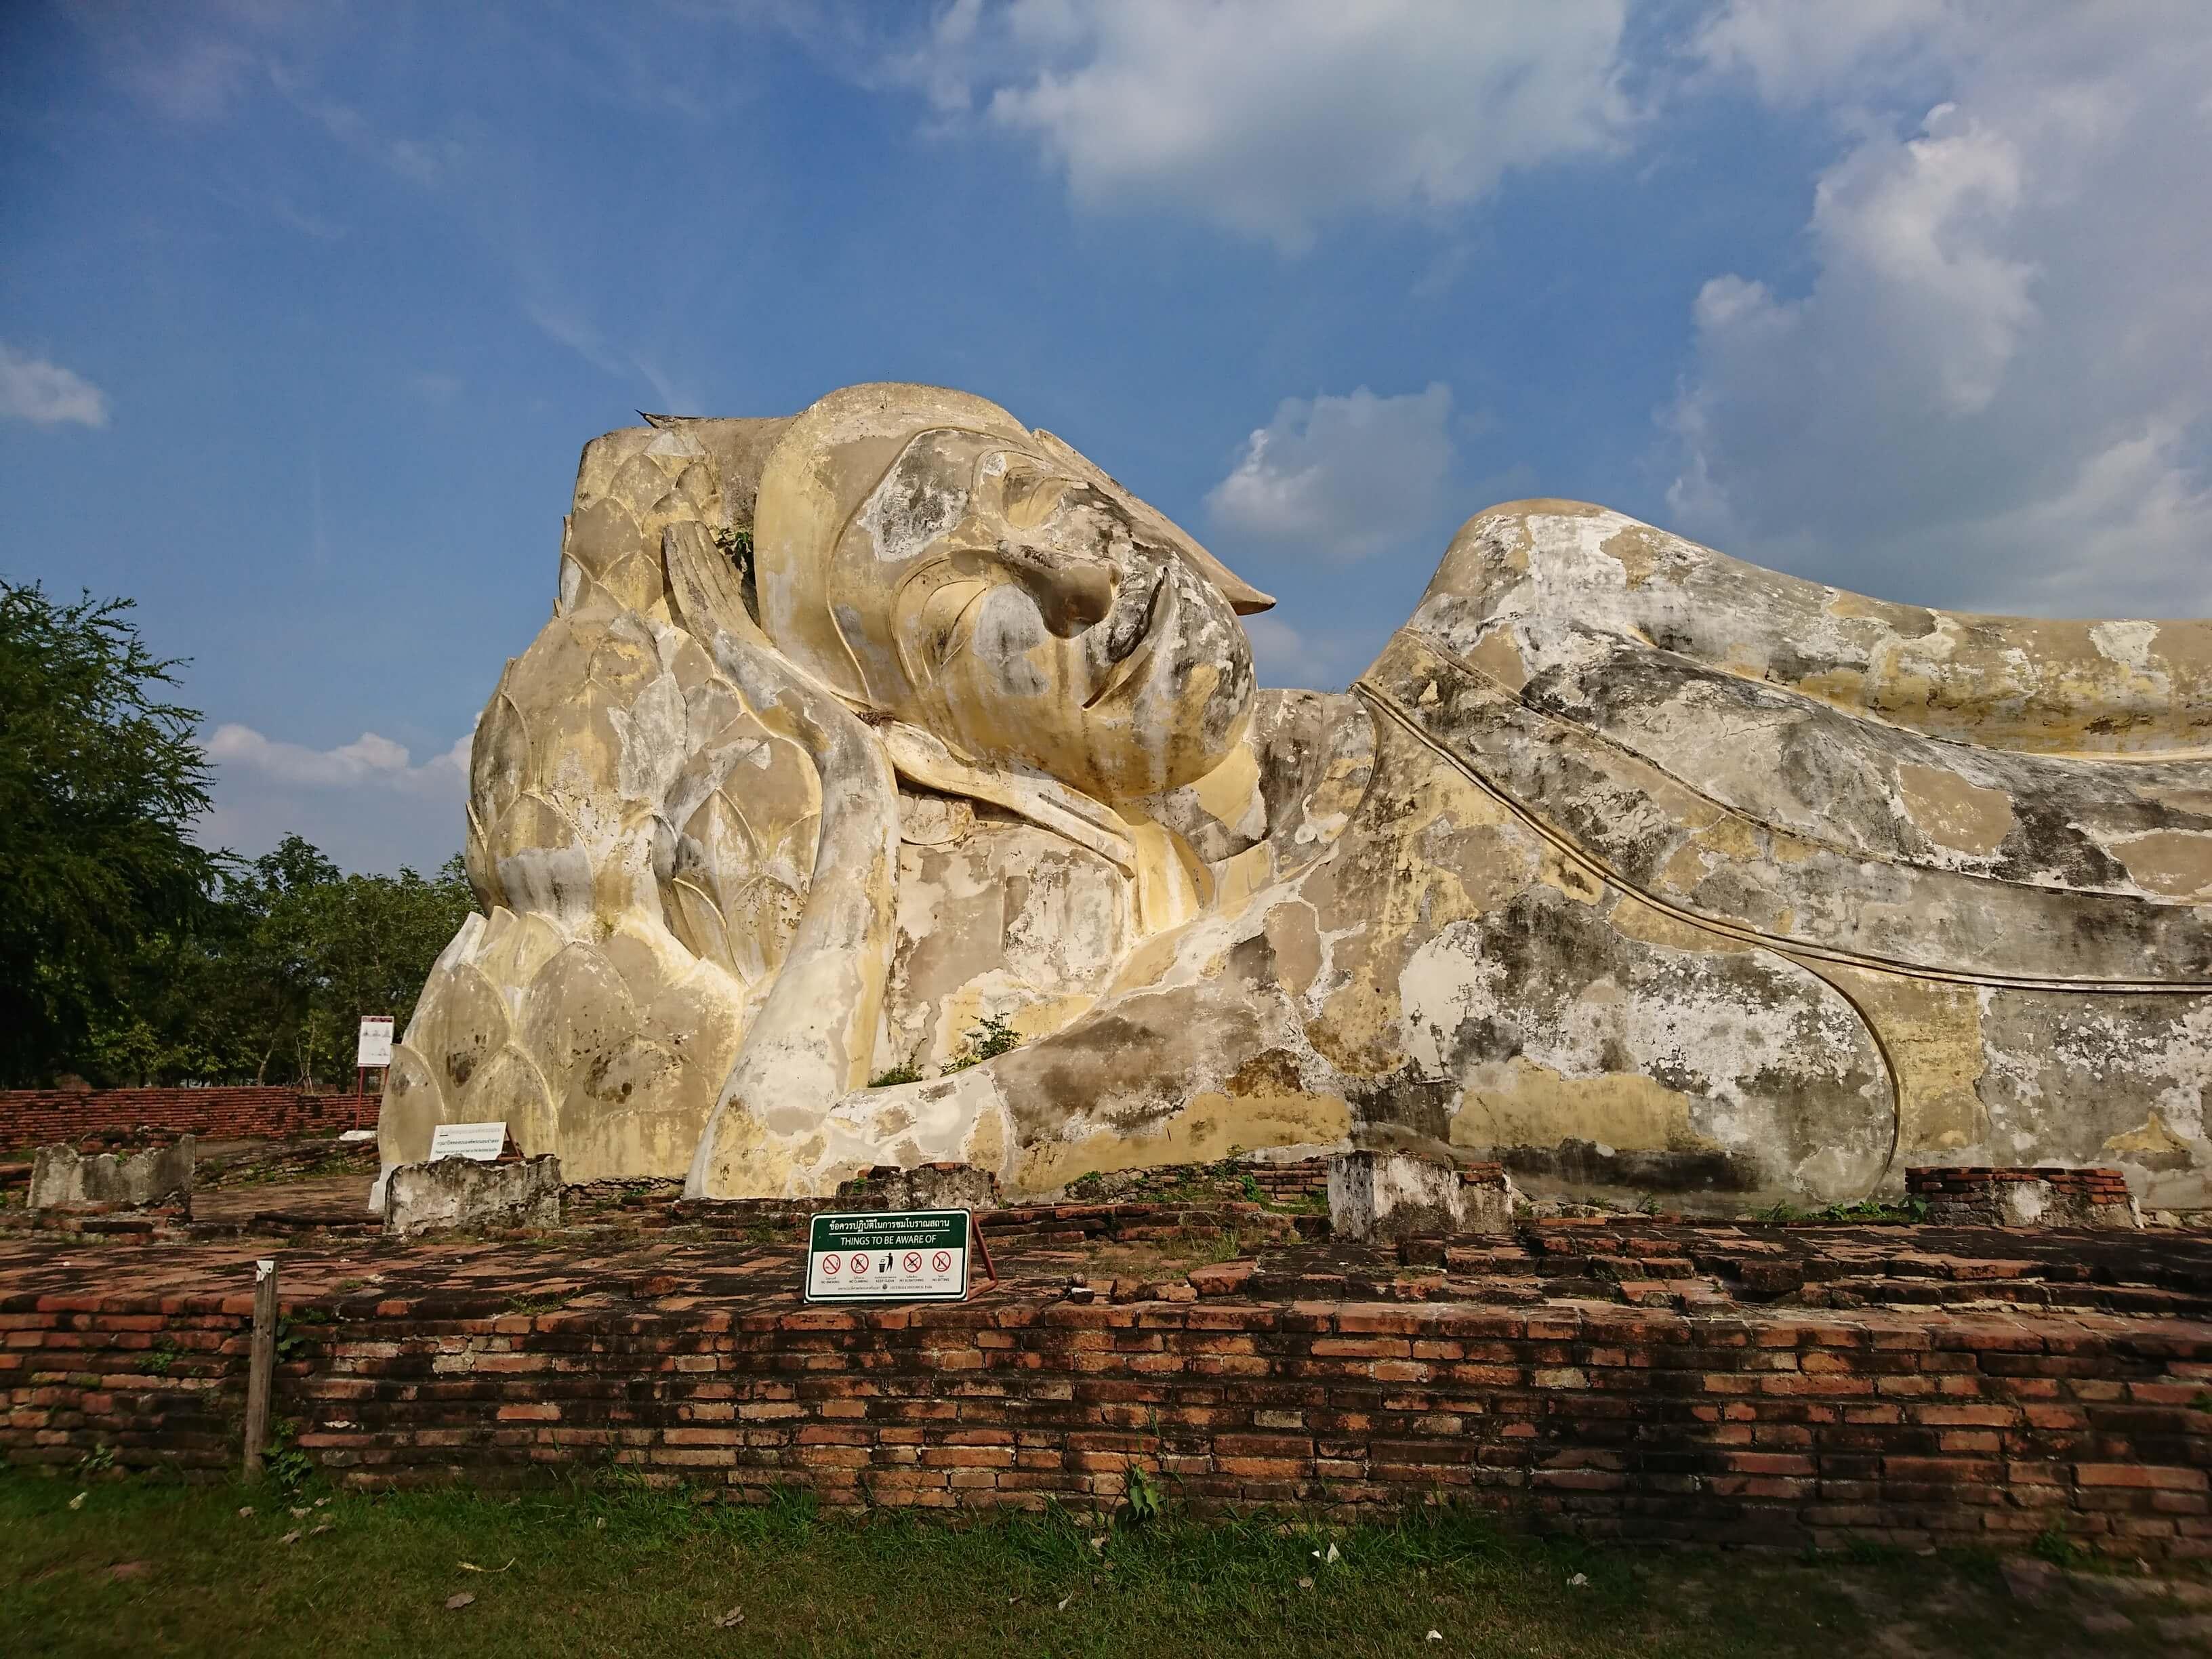 ワットローカヤスターラーム(วัดโลกยสุธาราม・Wat Lokayasutharam)/ 王朝初期に建立され、アユタヤでも最大規模の涅槃像が佇む仏教寺院遺跡